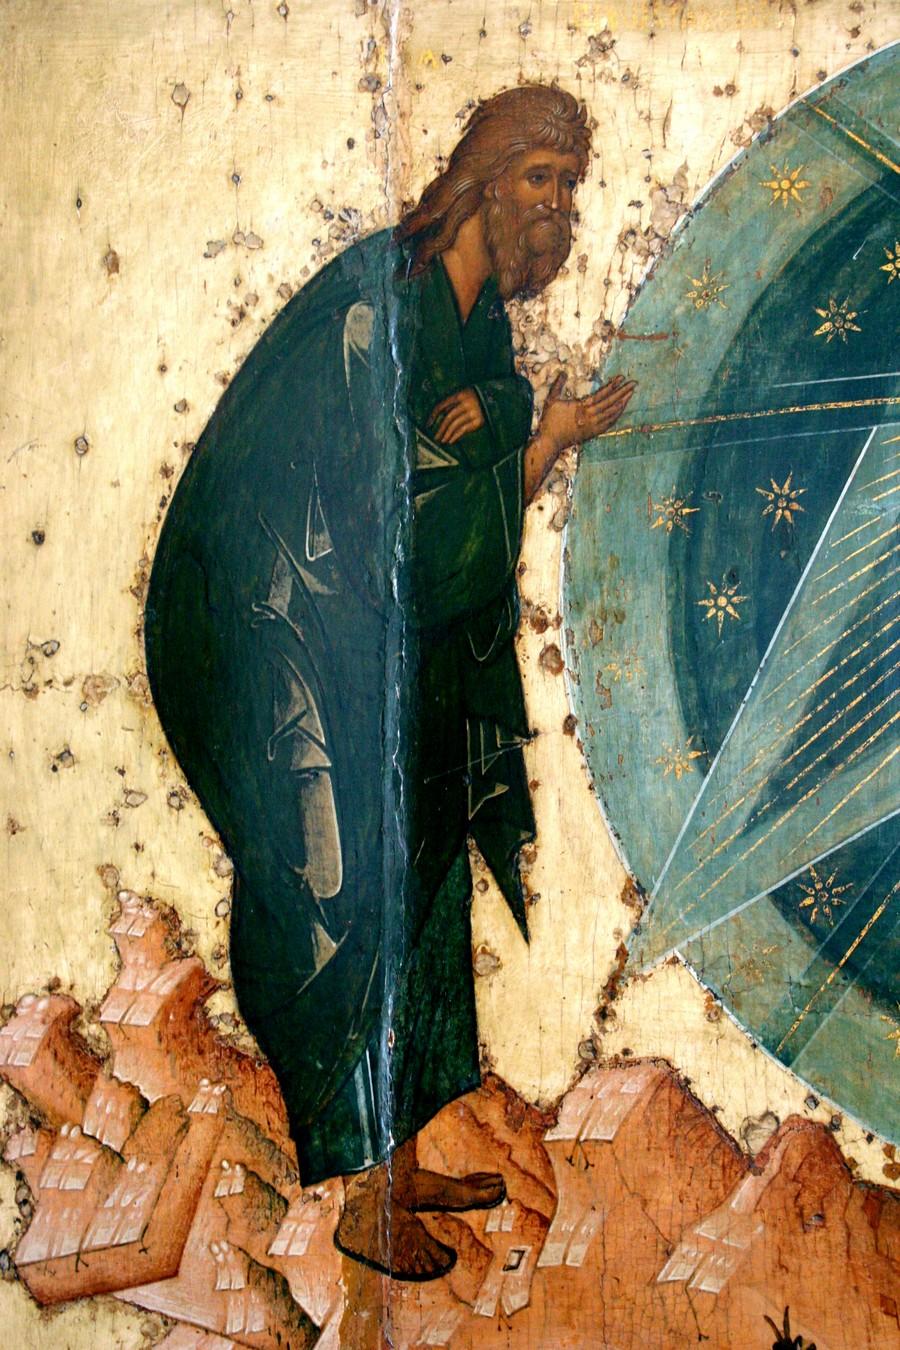 Преображение Господне. Икона. Ярославль, около 1516 года. Фрагмент. Святой Пророк Божий Илия.